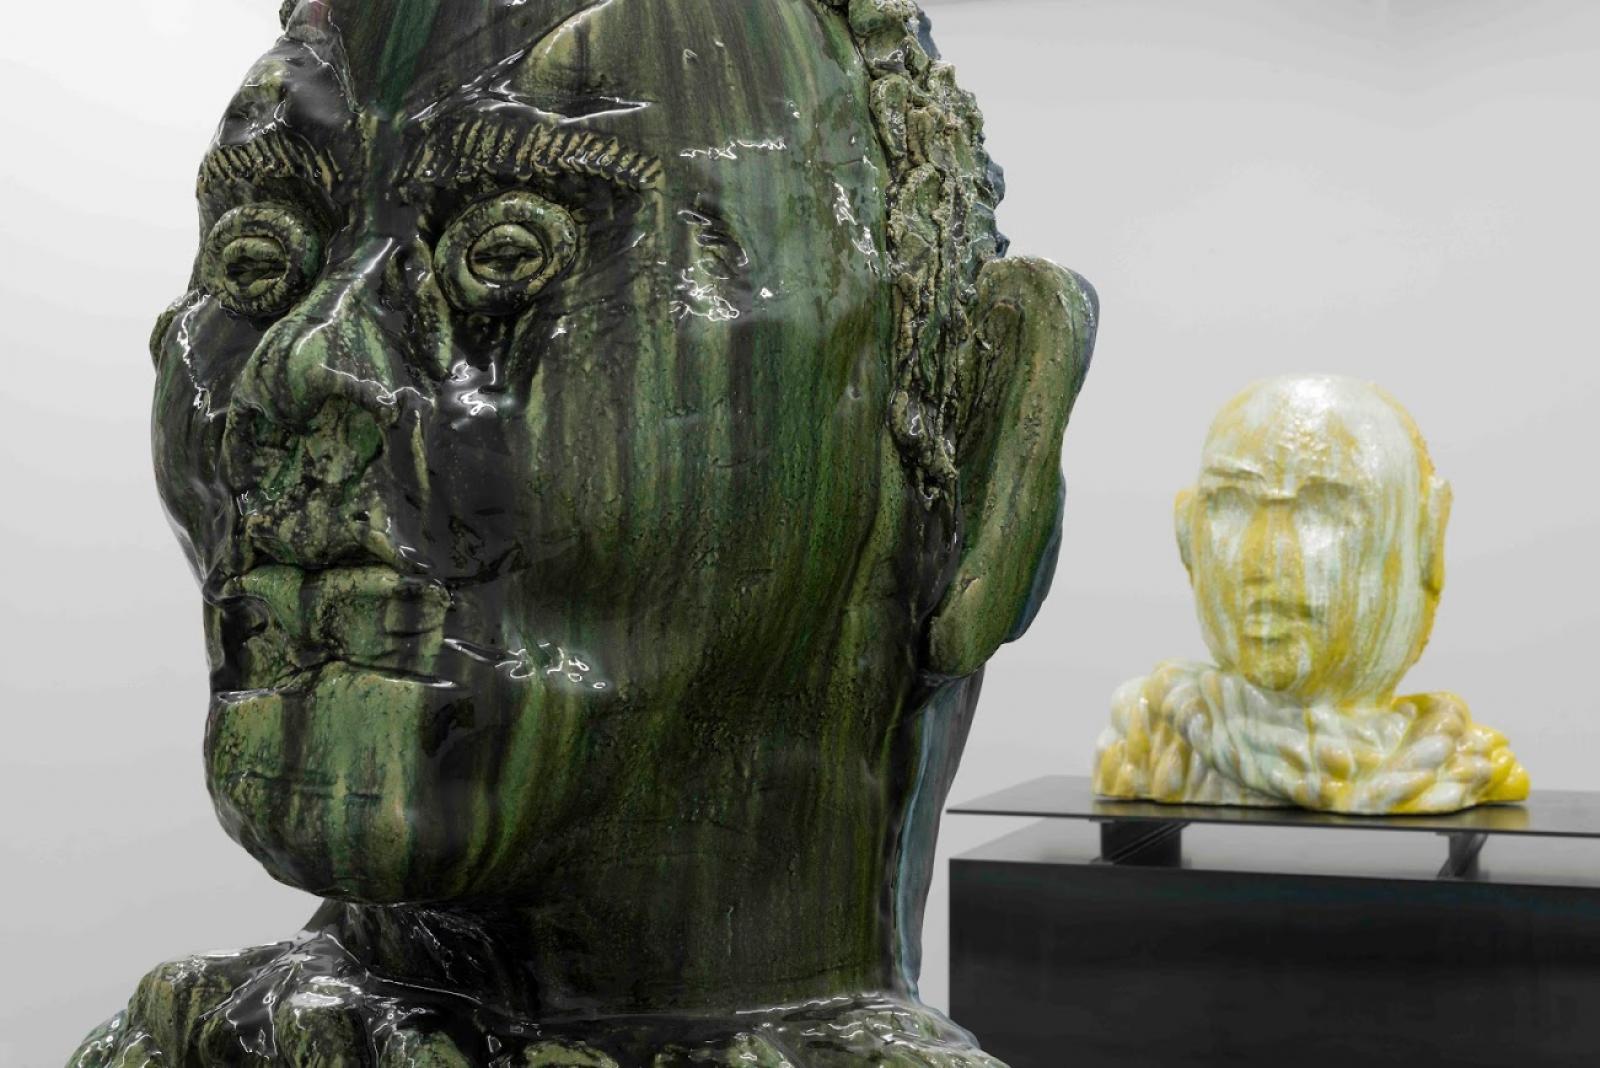 Thomas Schütte installation view atCarlier | Gebauer; Courtesy the artis andCarlier |  Gebauer